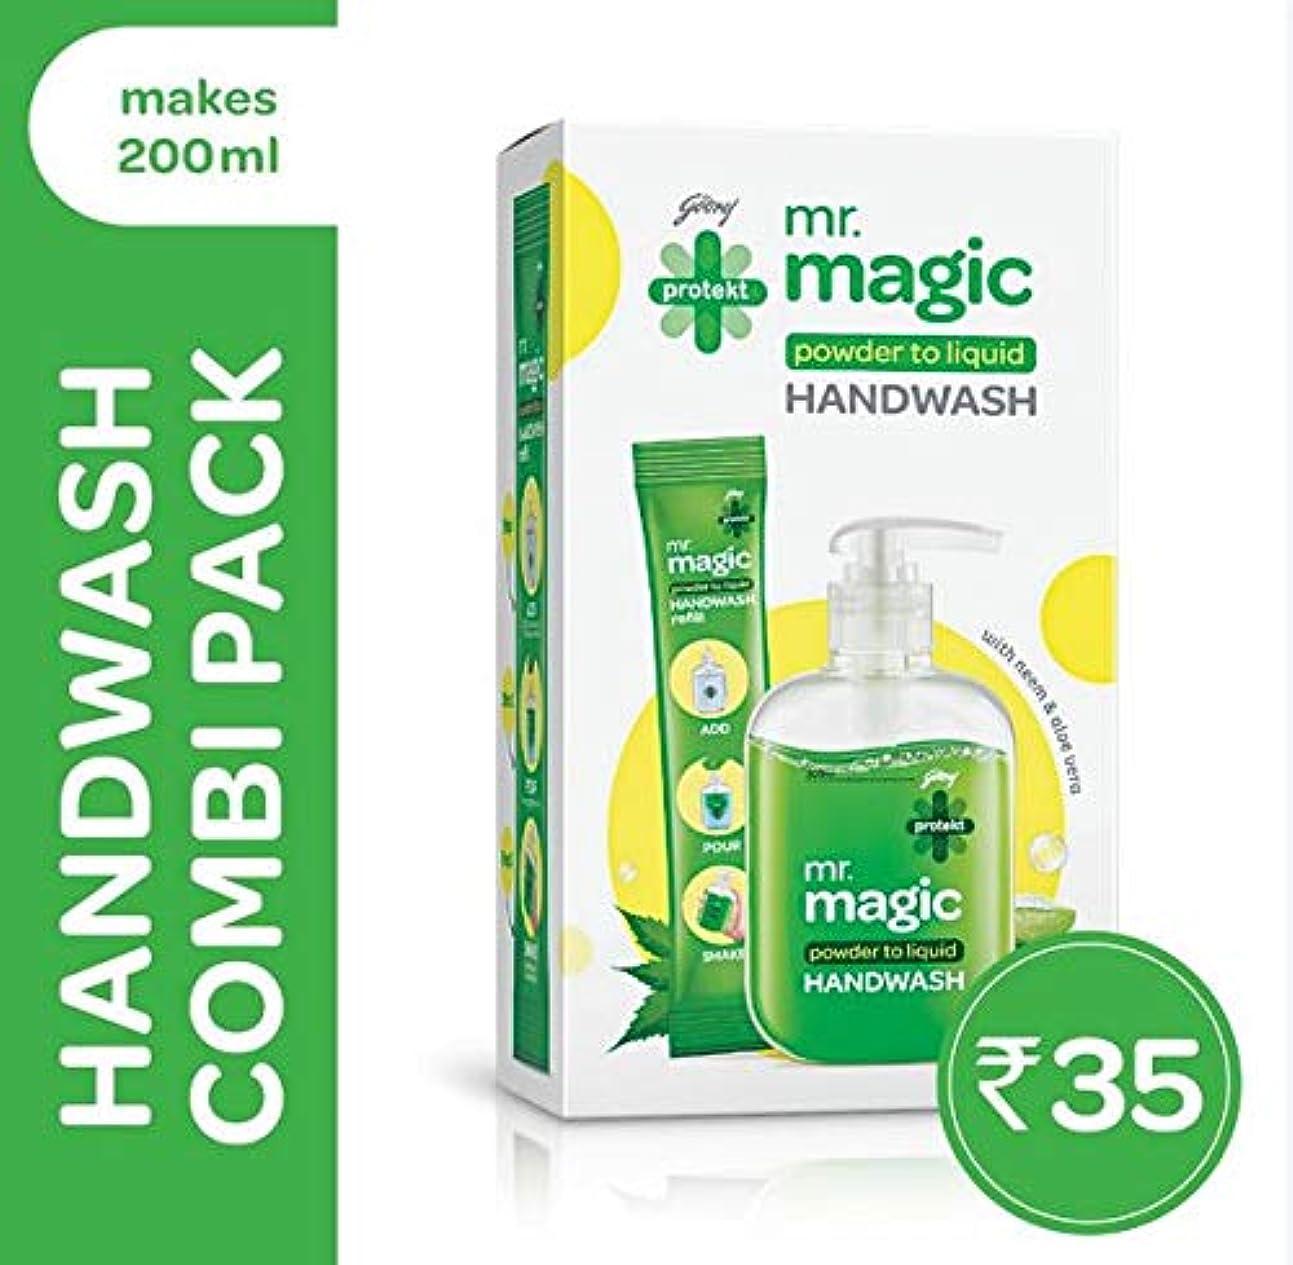 頂点そっと助けになるGodrej Protekt Mr. Magic Handwash 9g (Pack of 2)